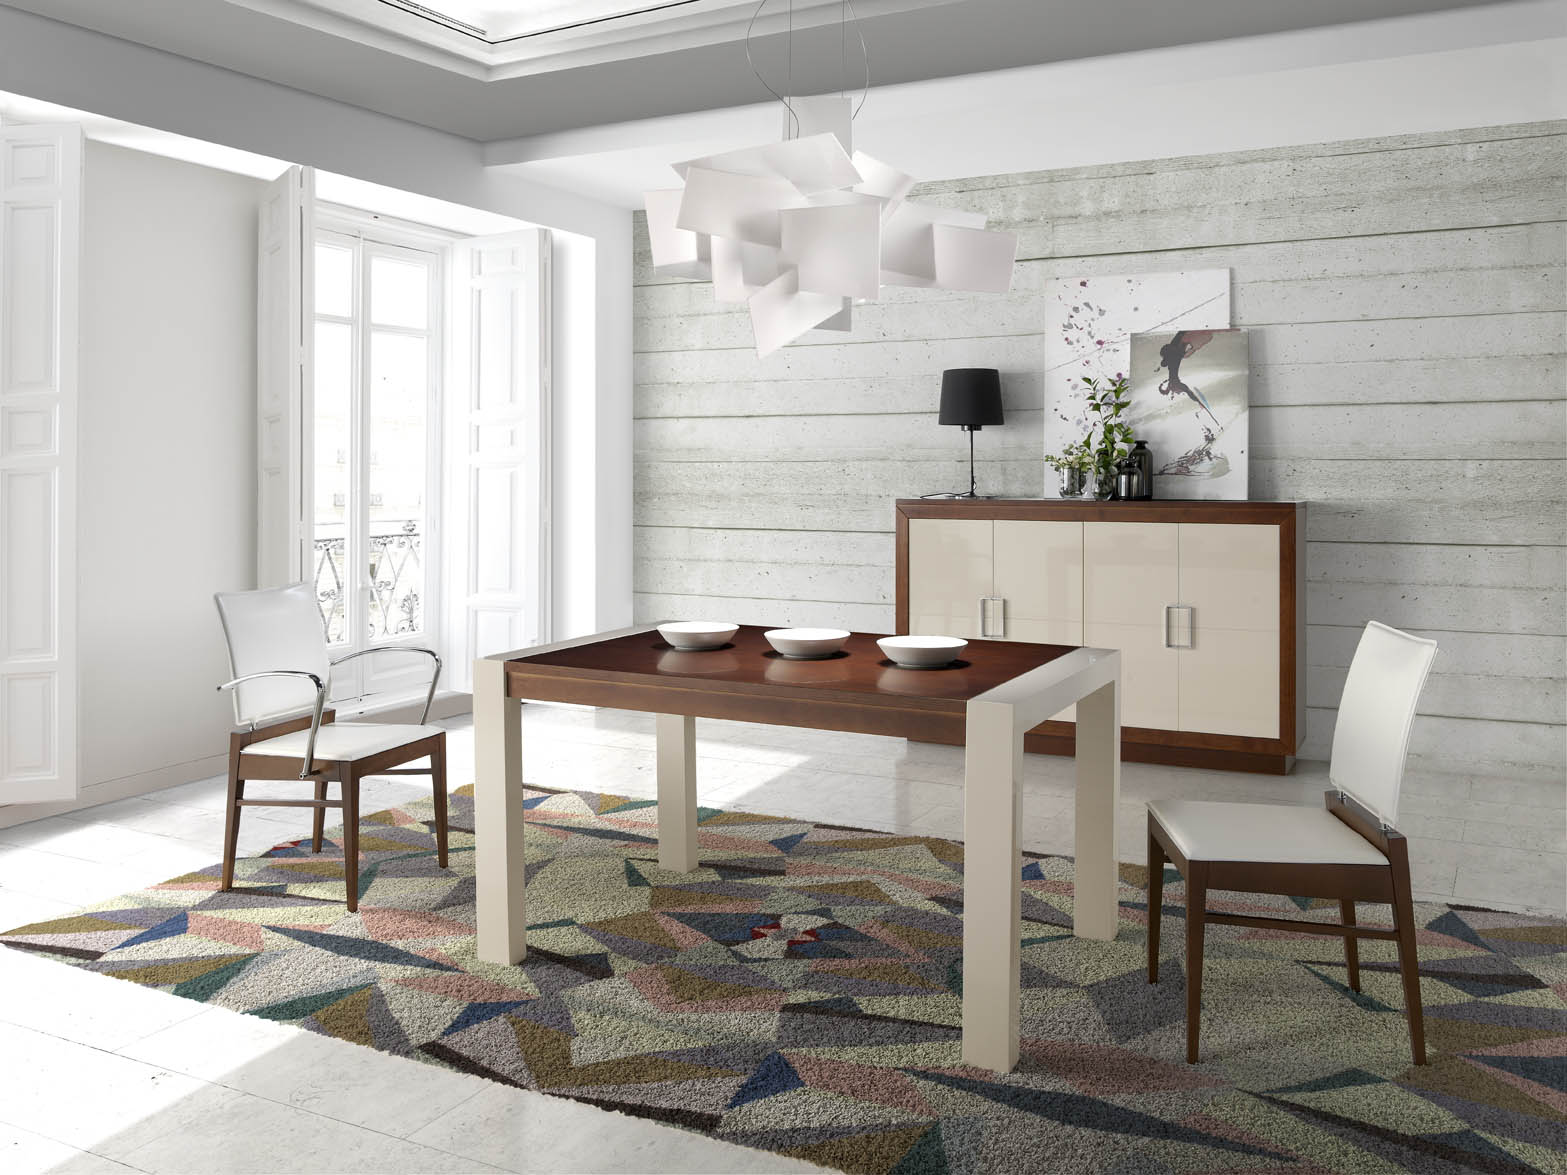 Tienda de muebles en granada tiendas muebles granada tiendas de muebles granada buenos muebles - Samarkanda muebles ...